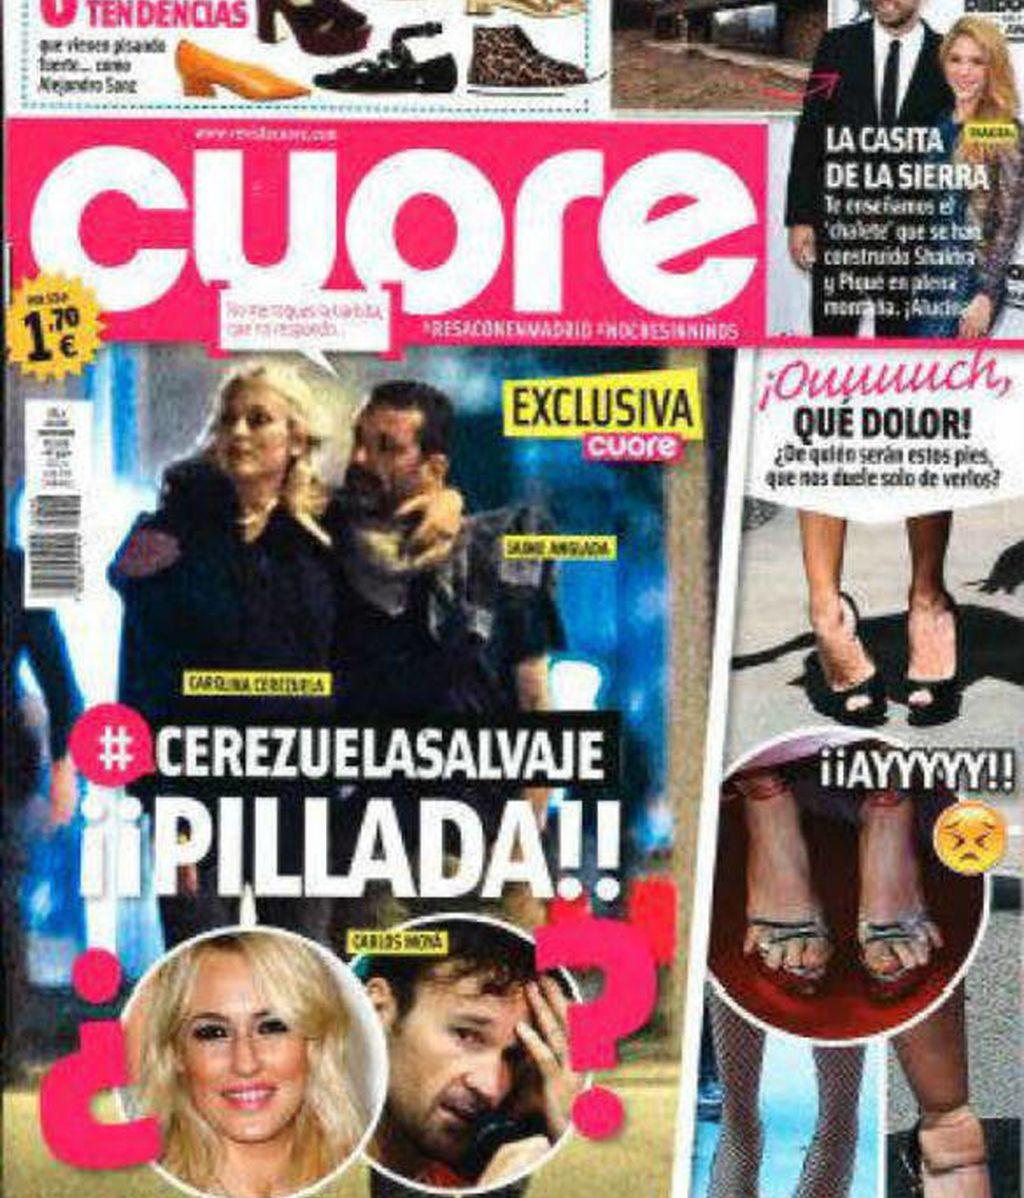 Carolina Cerezuela y Jaime Anglada en la revista Cuore